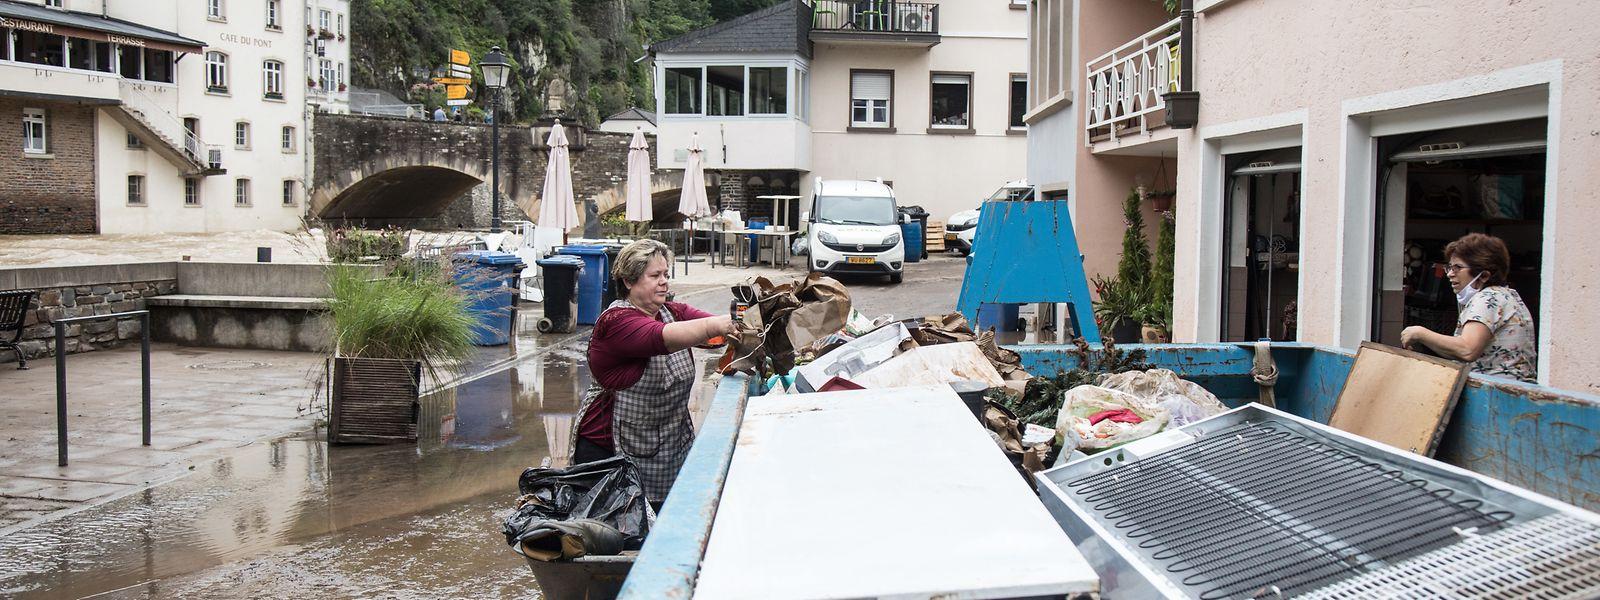 Família em VIanden, uma das cidades mais afetadas pelas inundações de 14 e 15 de julho.